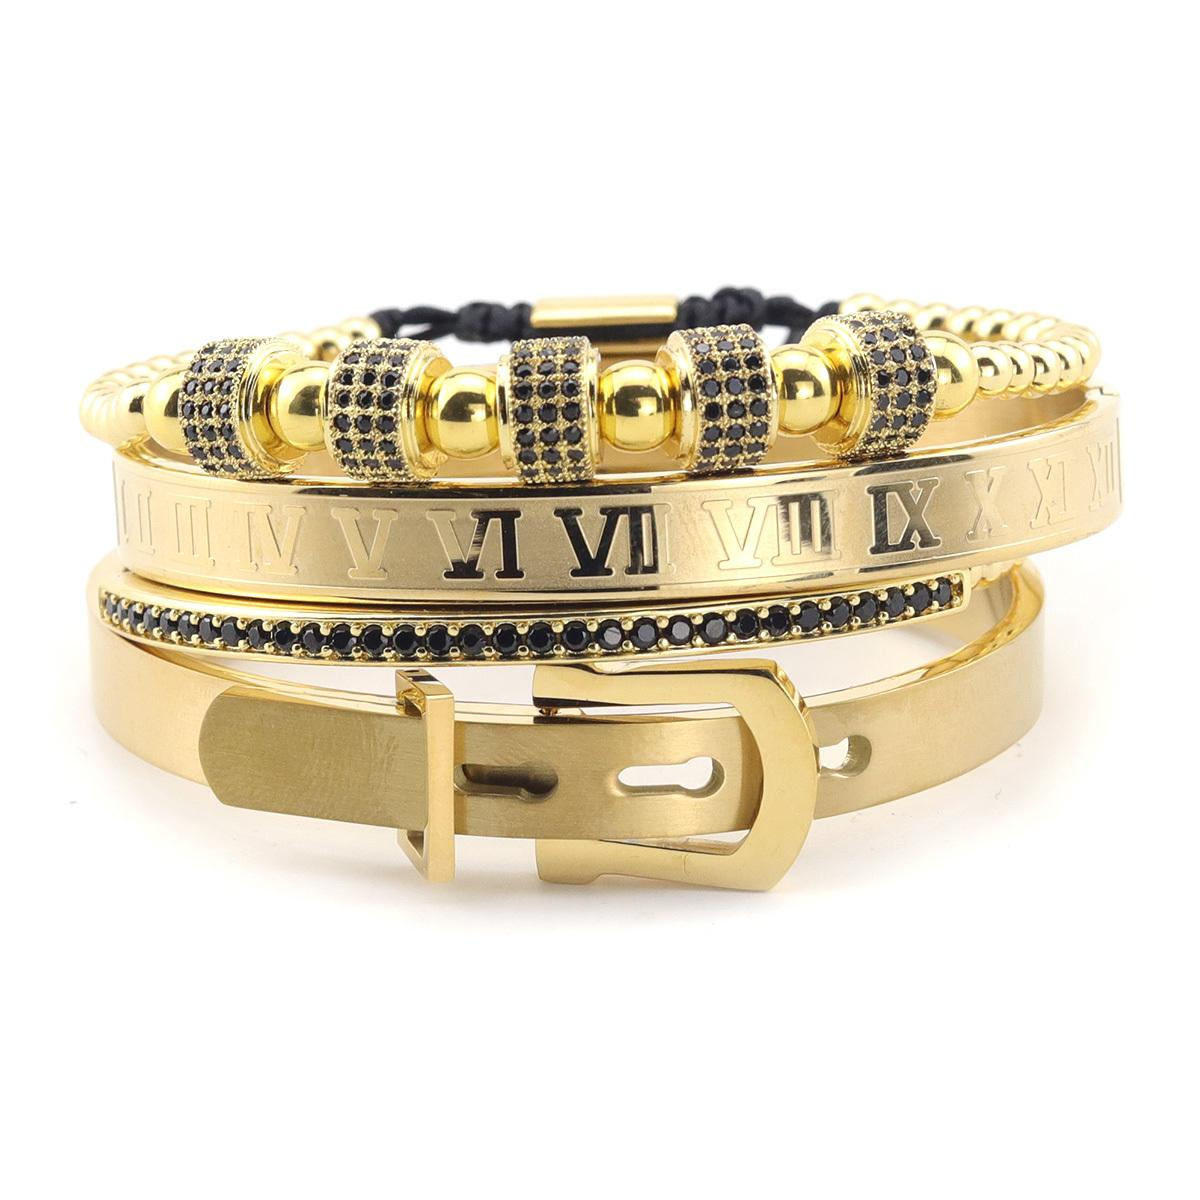 4pcs / Set perlas pulsera de lujo de la correa de la hebilla numeral brazalete del acero inoxidable de la CZ de la bola manillas brazaletes para Hombres Y200810 joyería